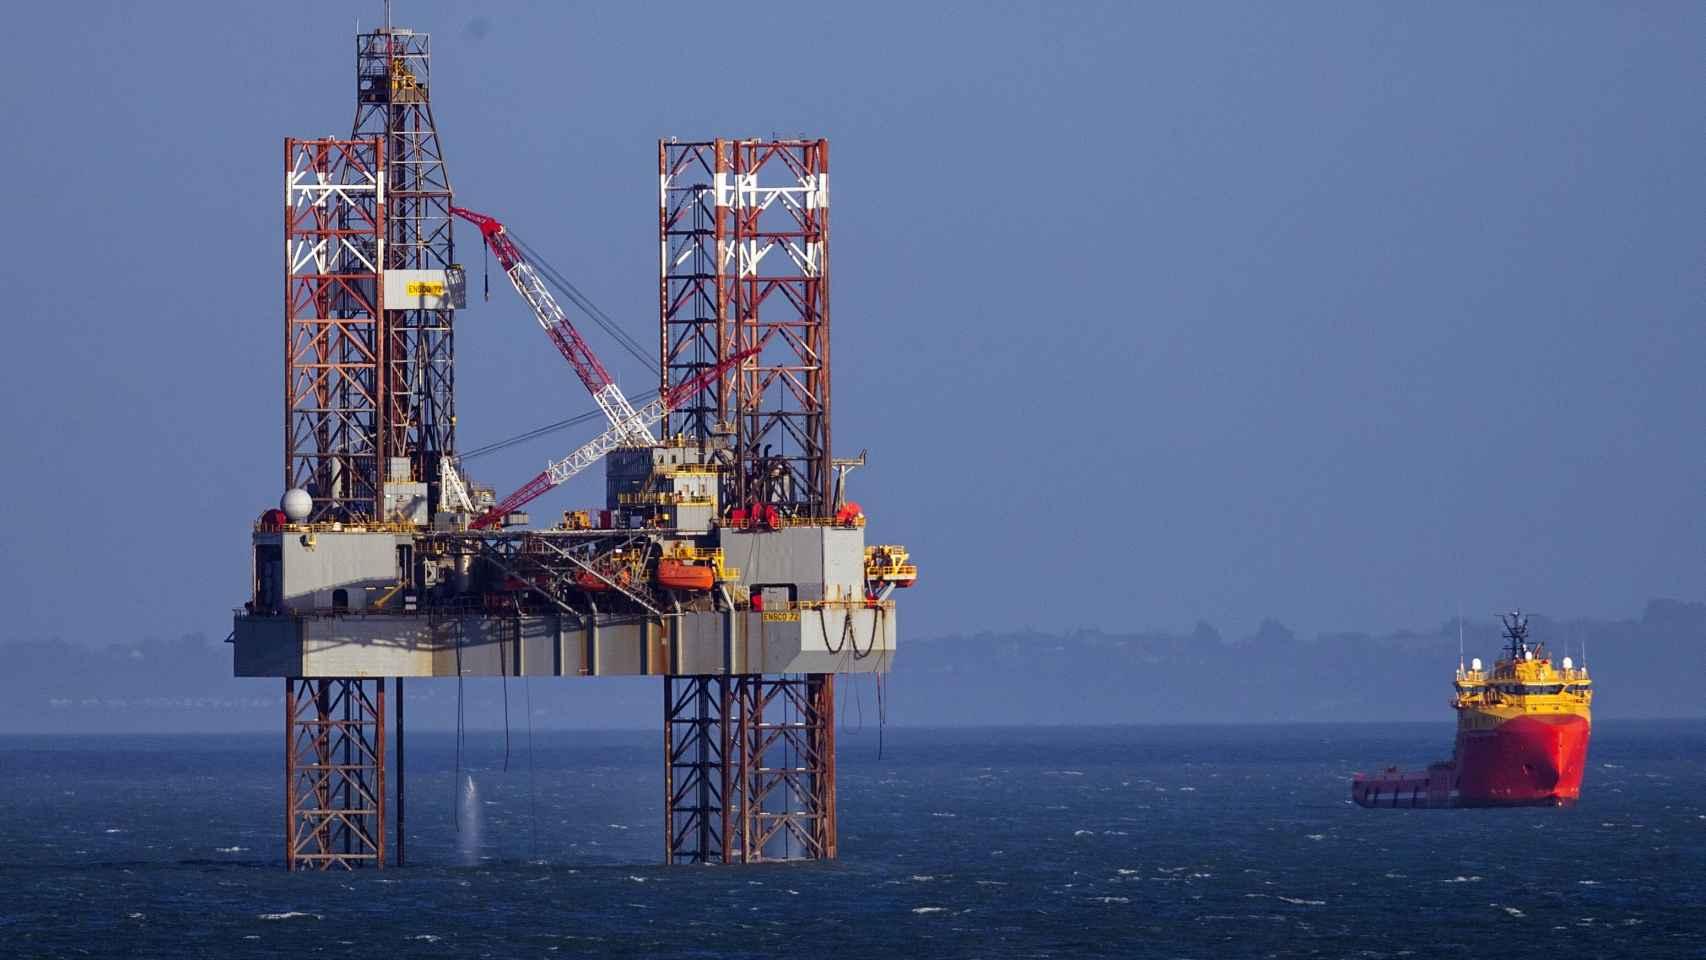 Estación marítima de extracción de petróleo.